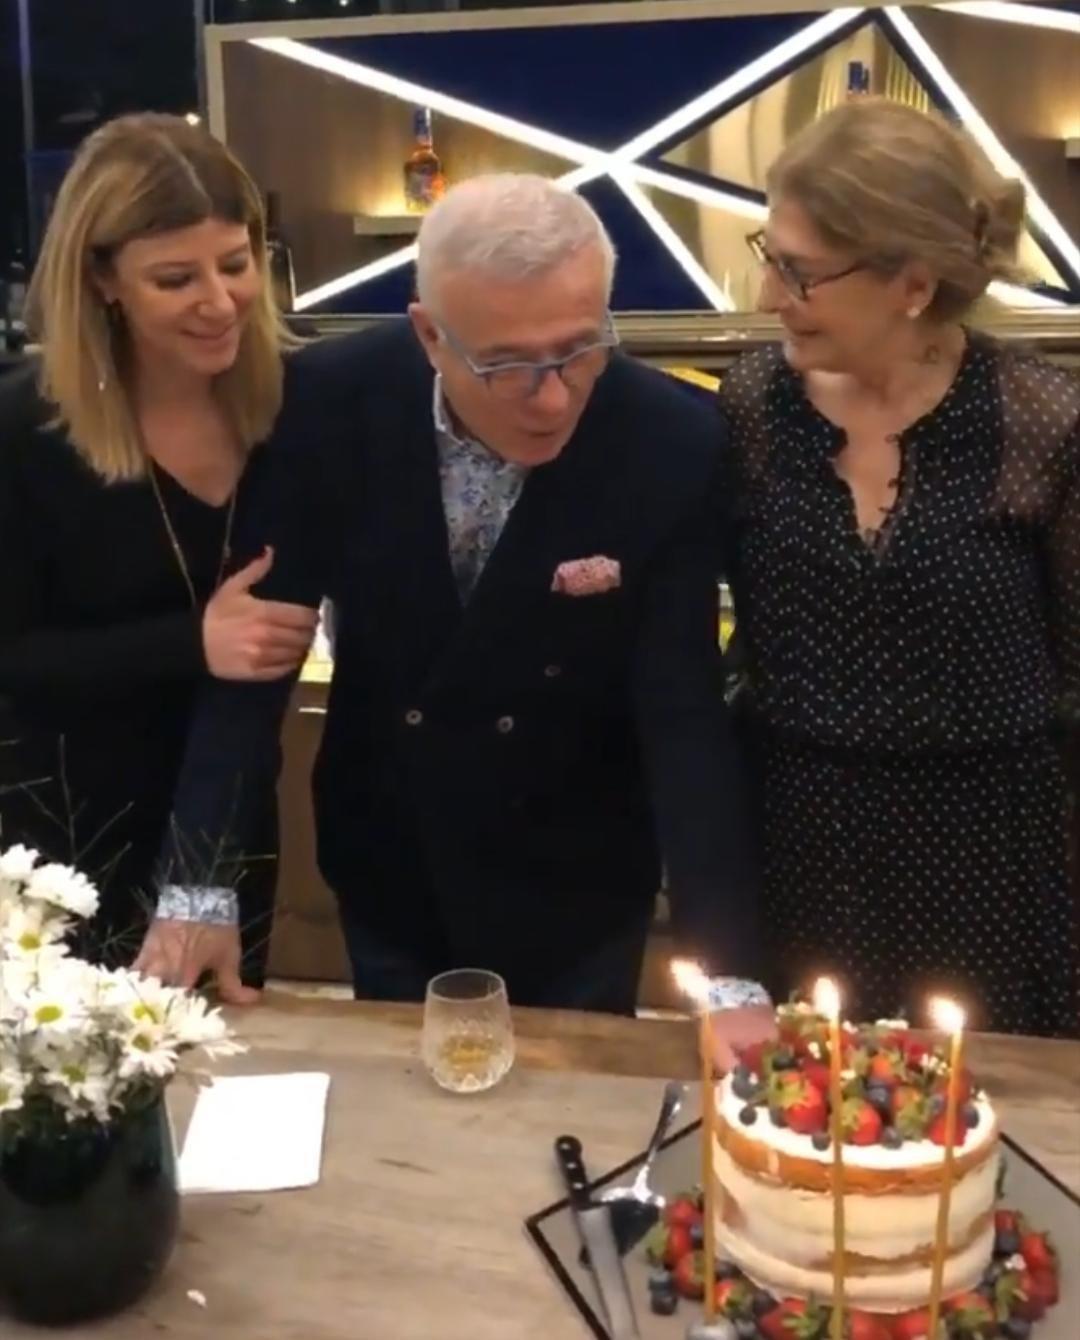 'Orta yaşlı' Ertuğrul Özkök 72'nci yaşını kutladı! - Sayfa 3